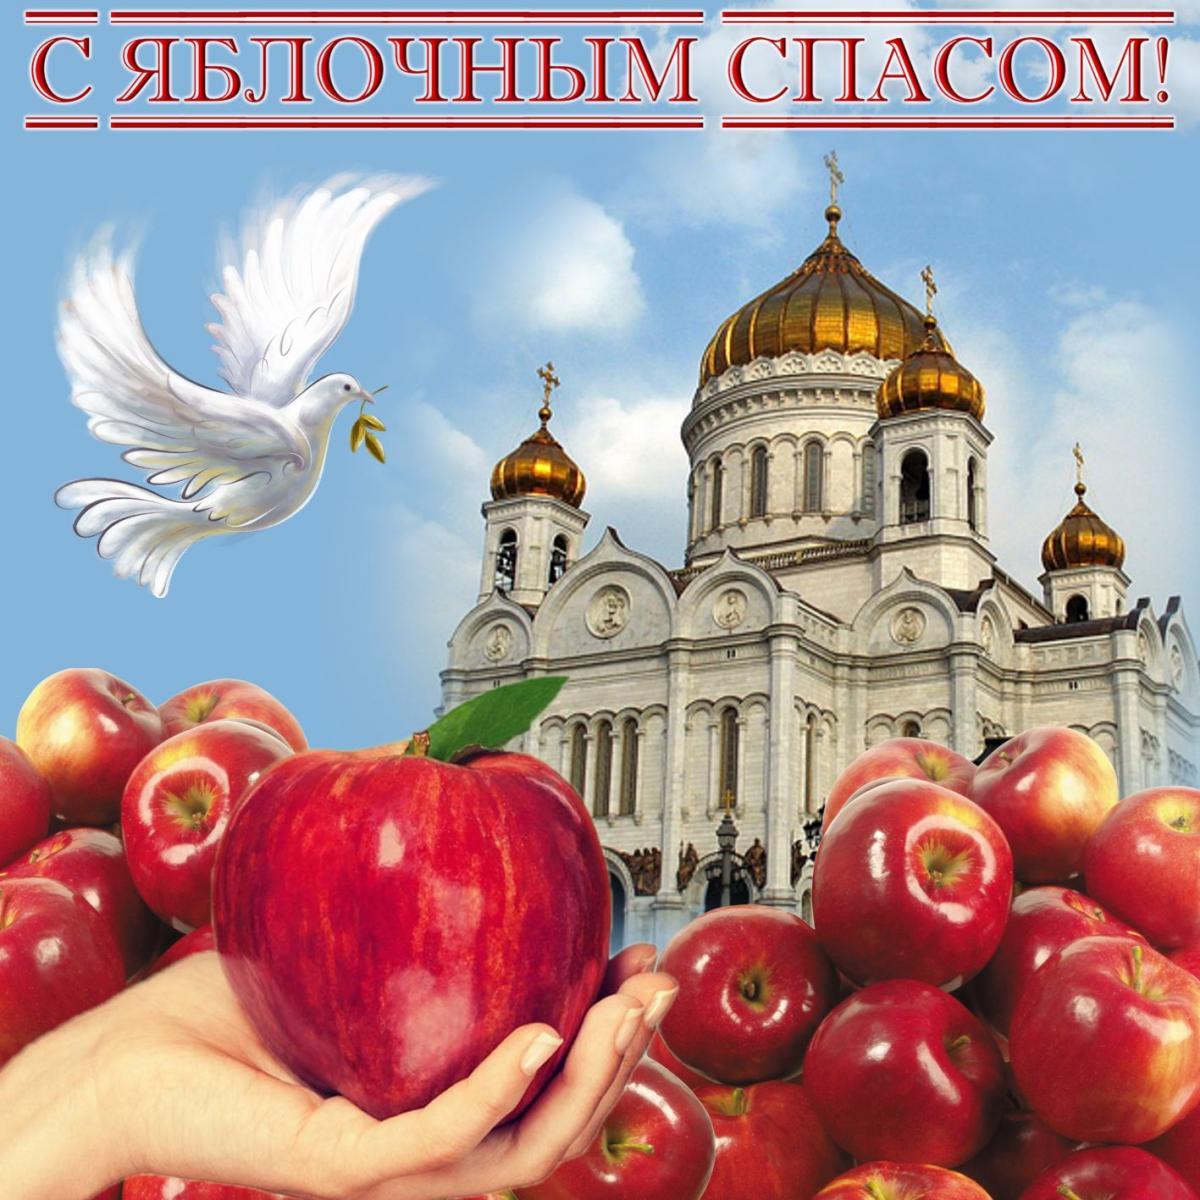 Здоровья, спас яблочный поздравления картинки